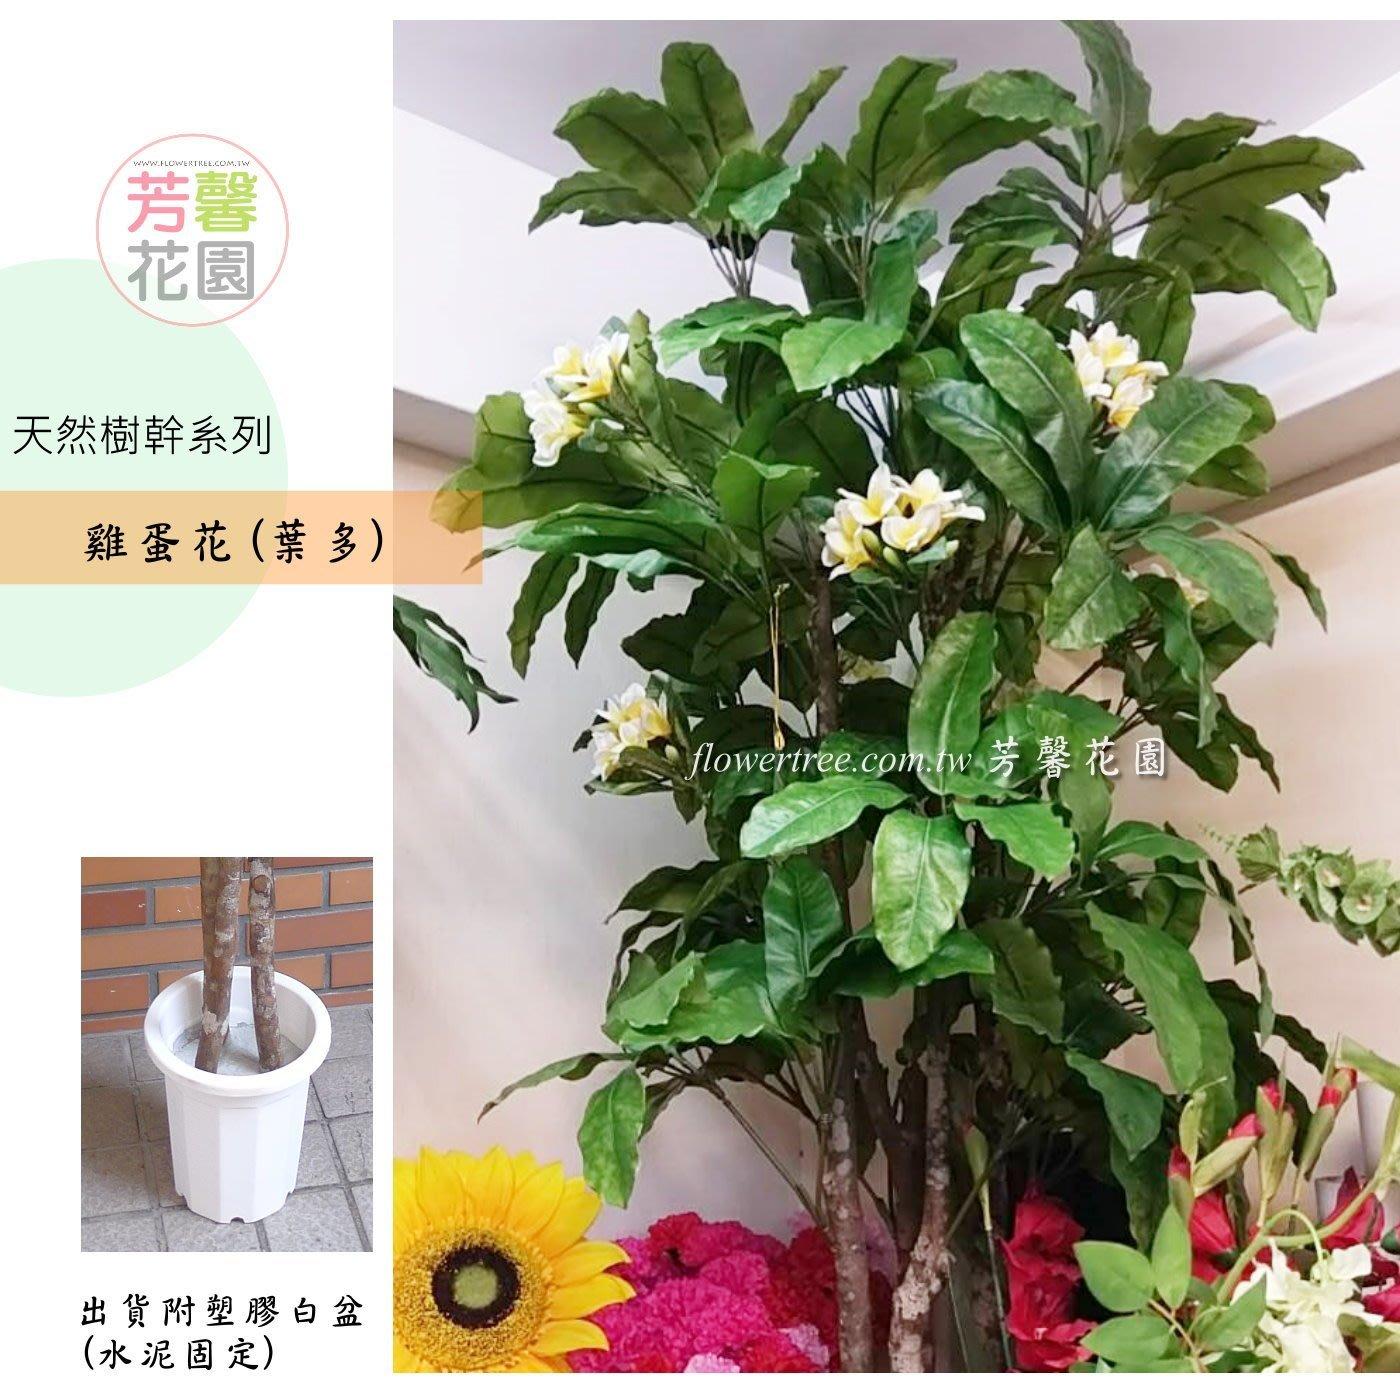 【☆芳馨花園☆】人造樹~6尺雞蛋花樹盆栽(葉多)【G03020】南洋自然風格,景觀造景 園藝布置